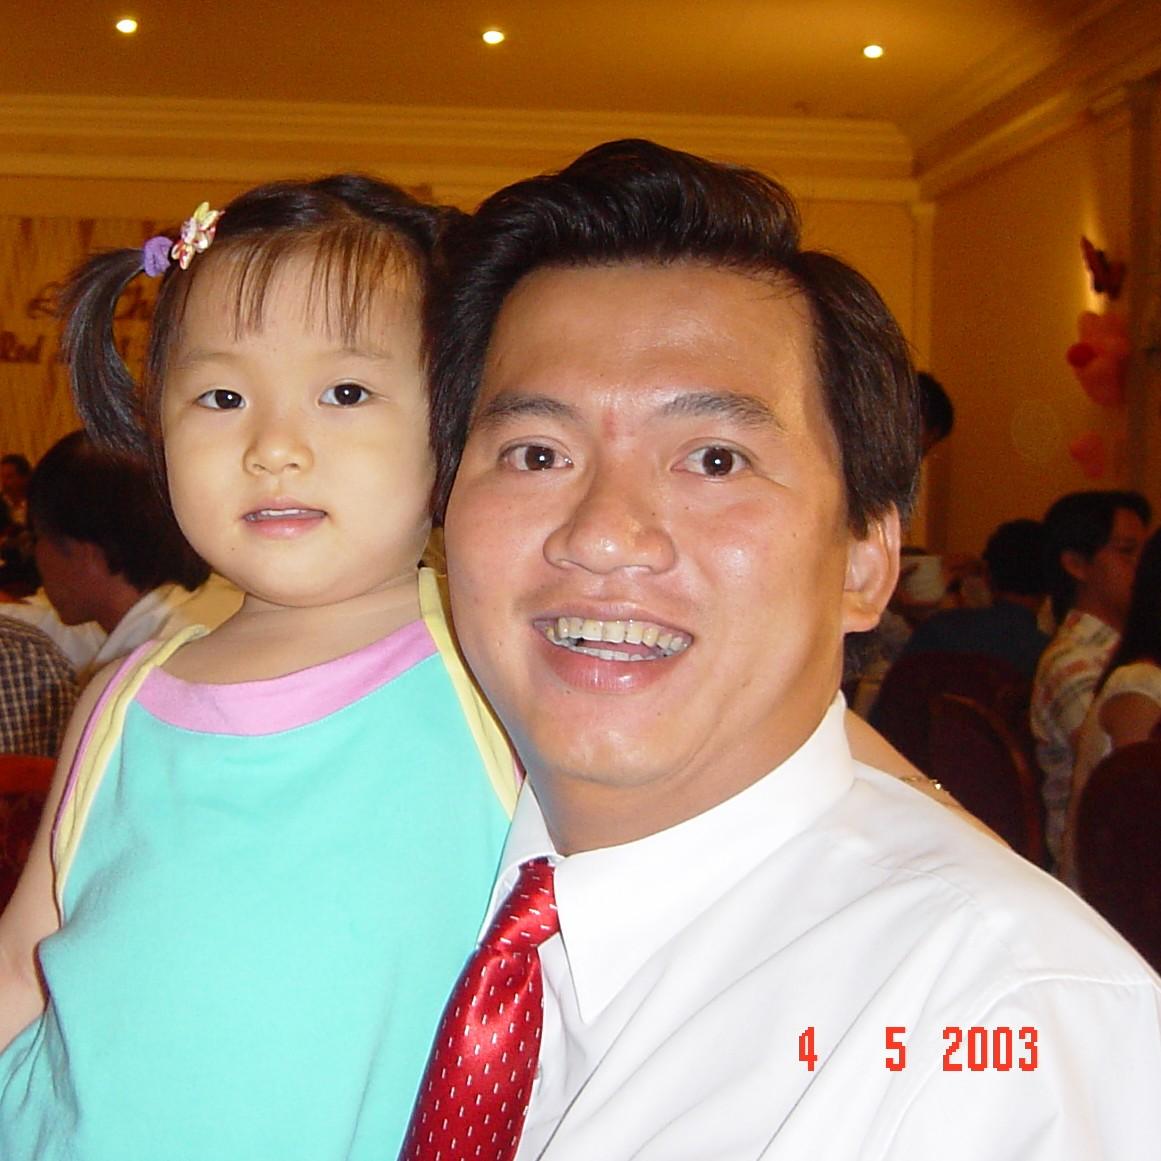 12A1 Nguyen Huu Huan 19871990 HÌNH ẢNH